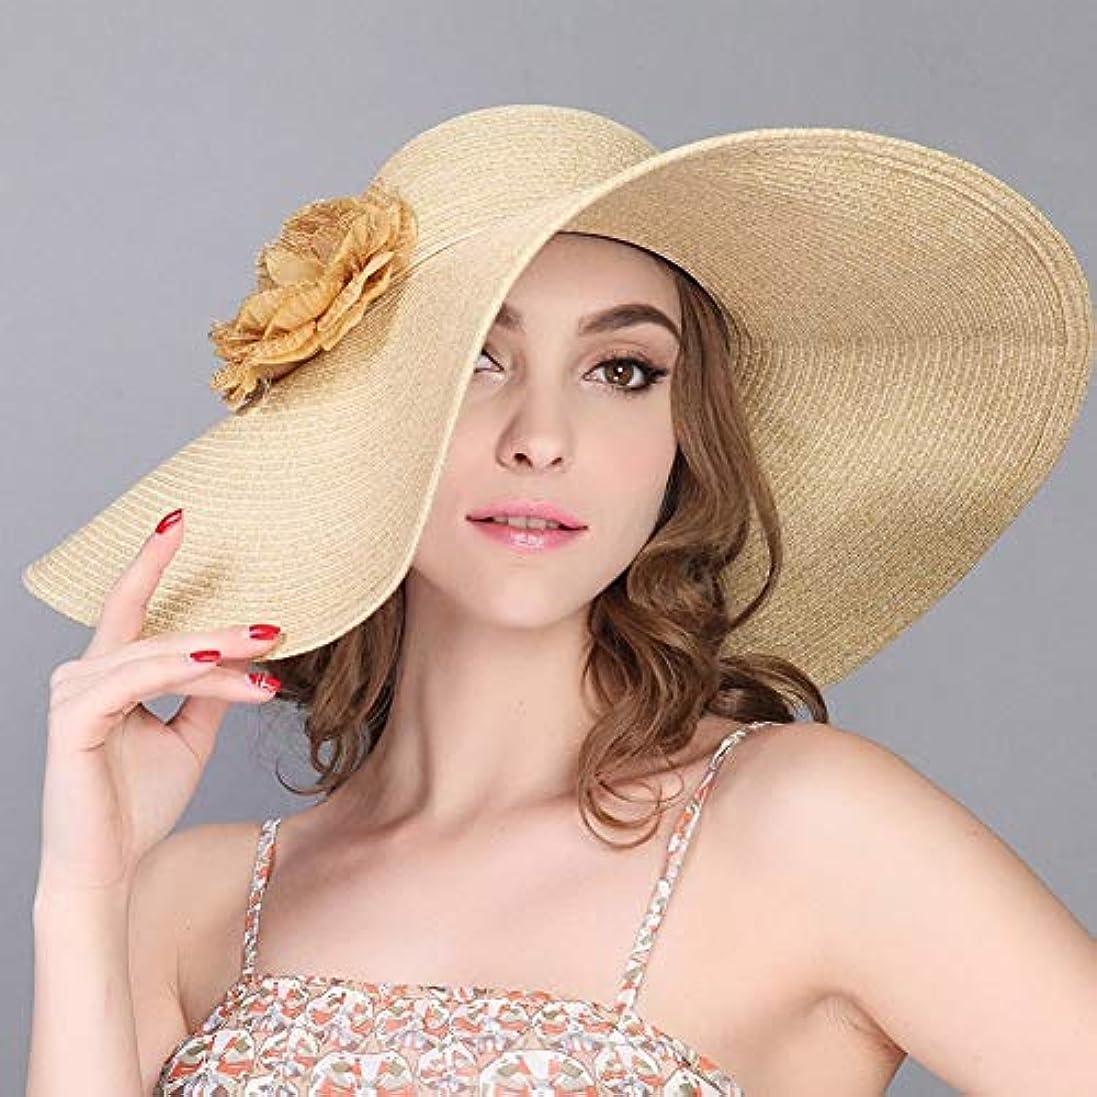 採用瞳チャレンジZAQXSW 帽子女性夏折りたたみ大きな麦わら帽子日焼け止めビーチ帽子太陽の帽子バイザー (色 : ベージュ)